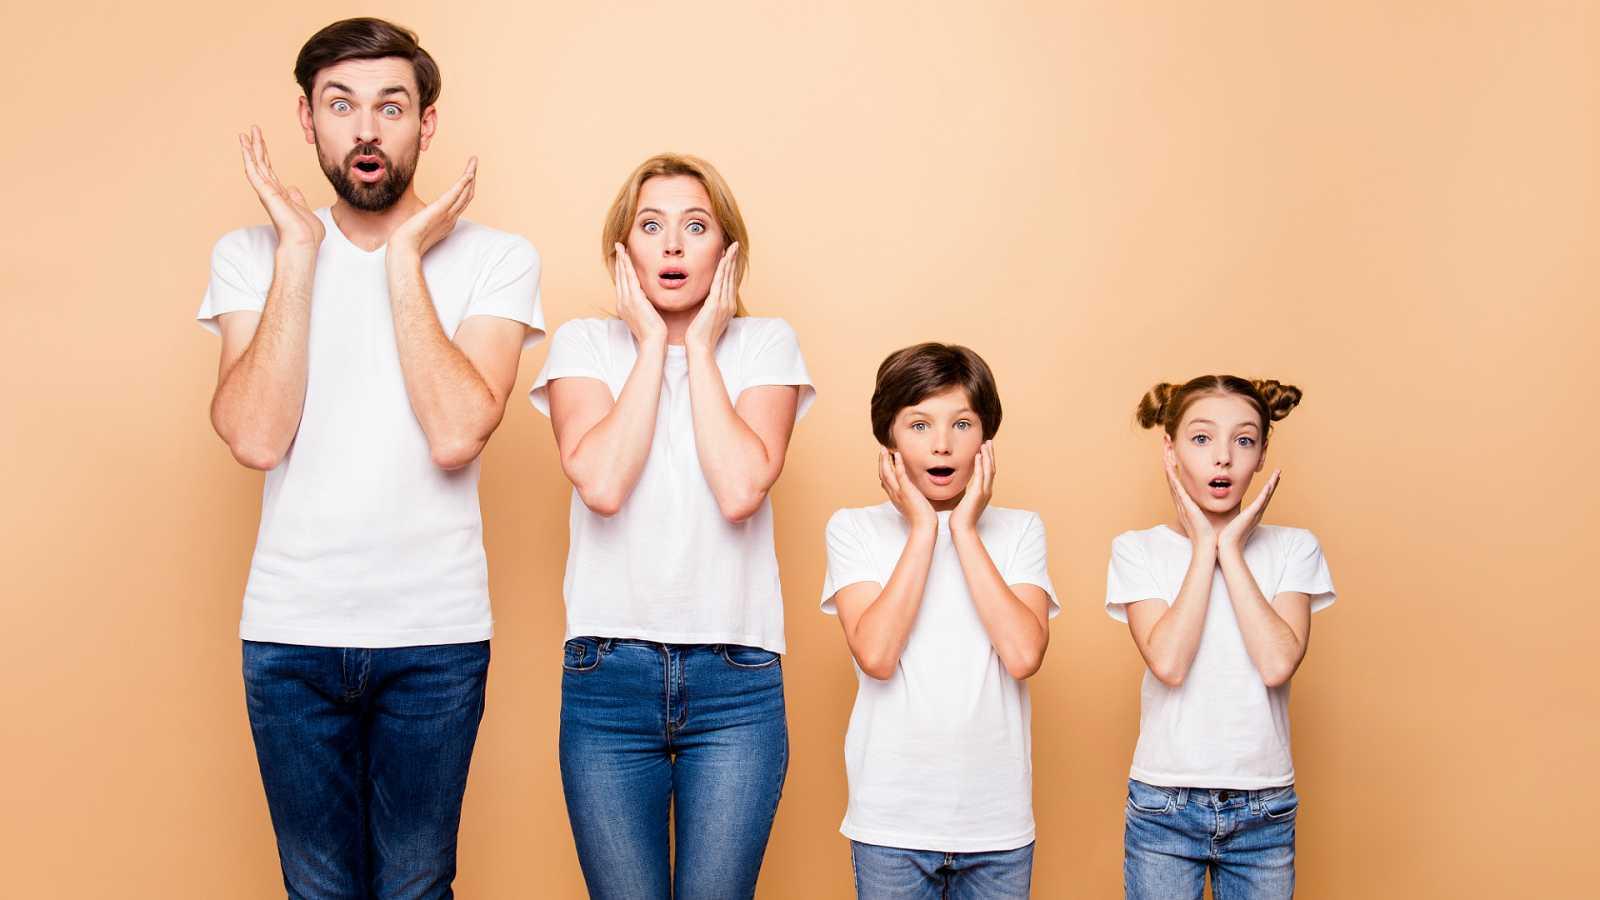 Mamás y papás - Nuestros miedos y preocupaciones - 08/02/20 - Escuchar ahora